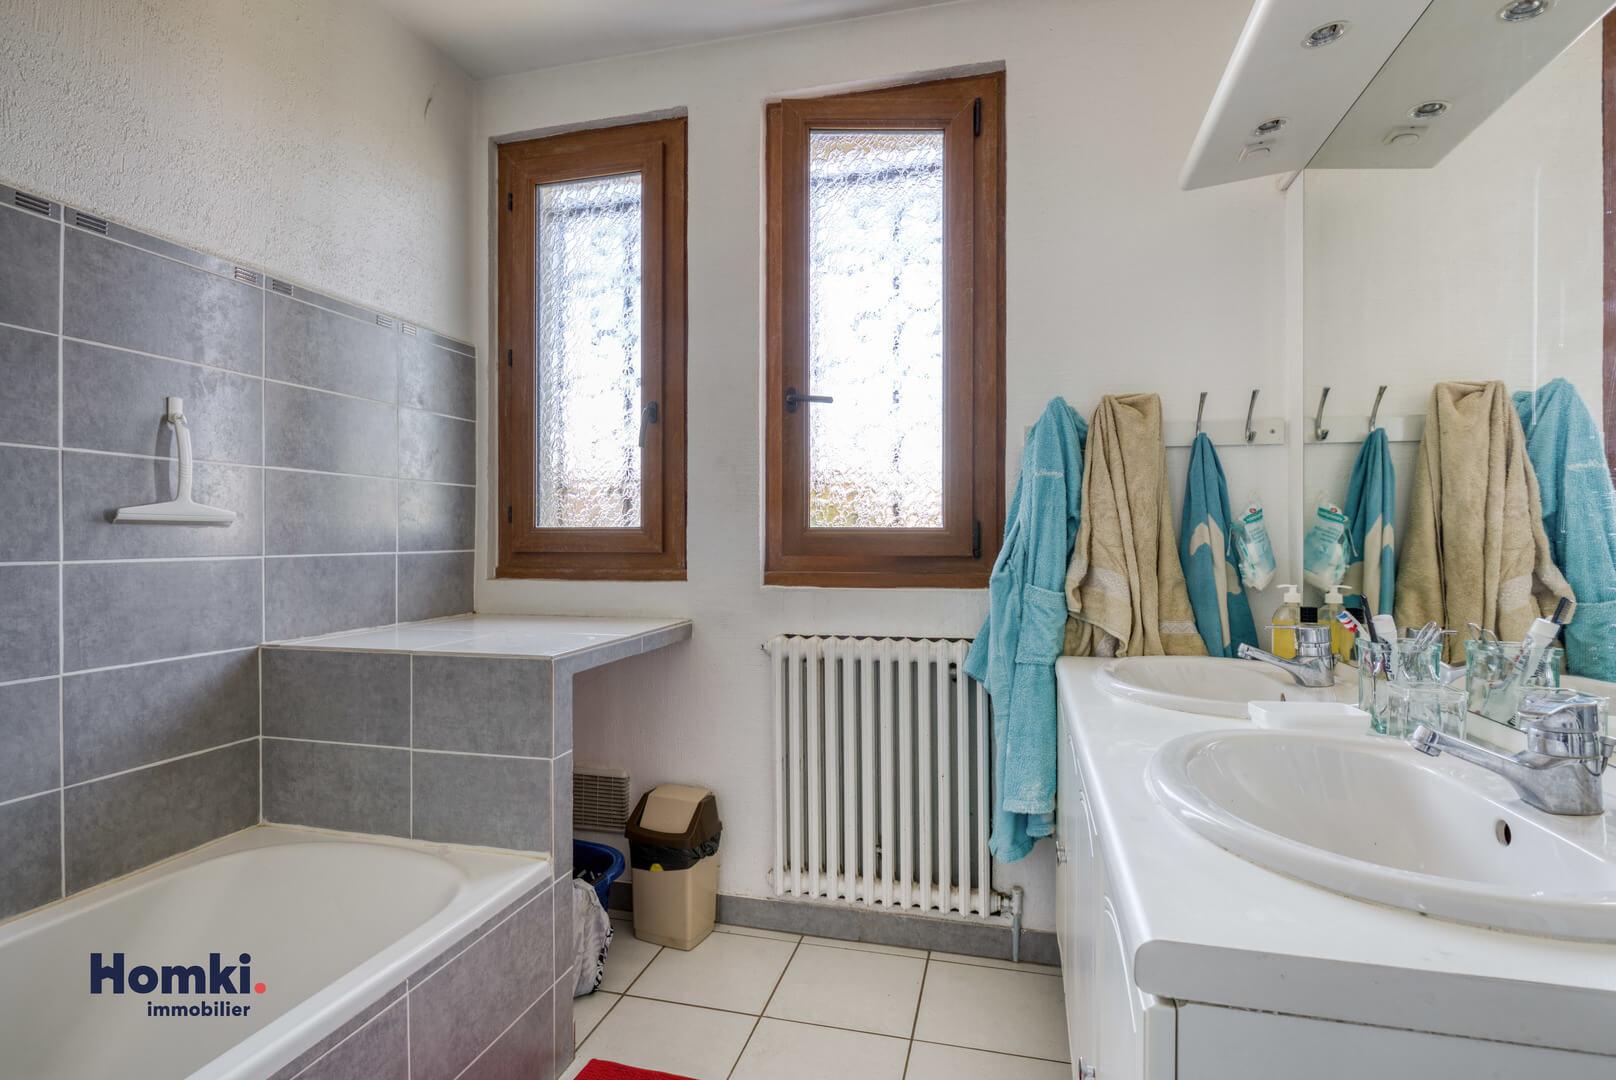 Vente maison 140m² T6 69800_10